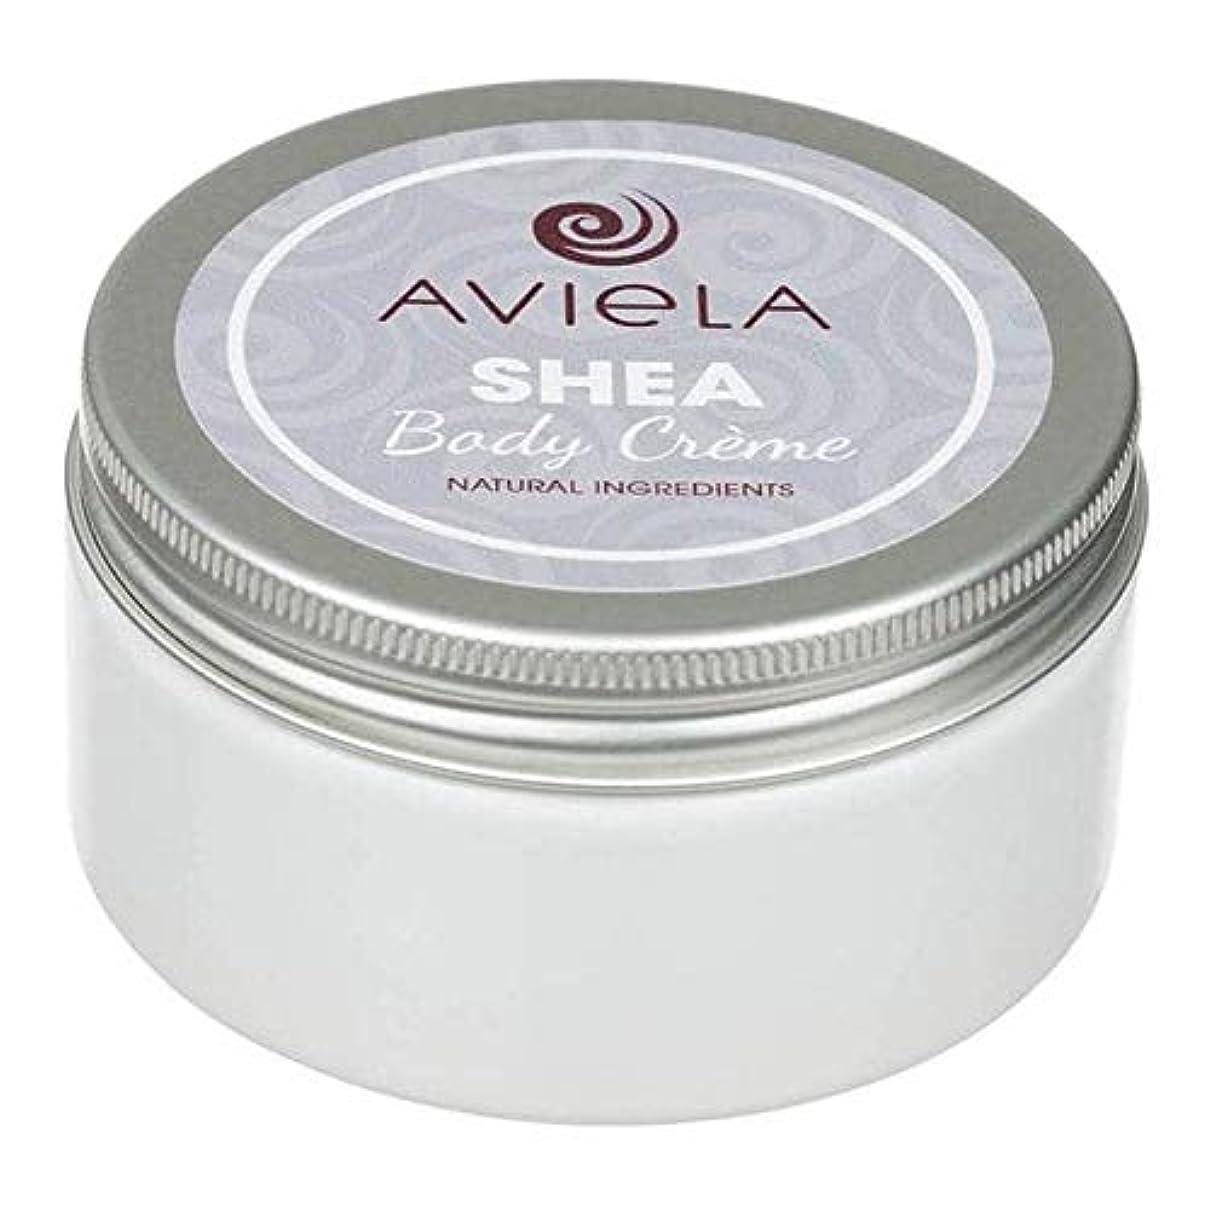 破壊地理望む[Aviela] Avielaシアボディクリーム200グラム - Aviela Shea Body Creme 200g [並行輸入品]